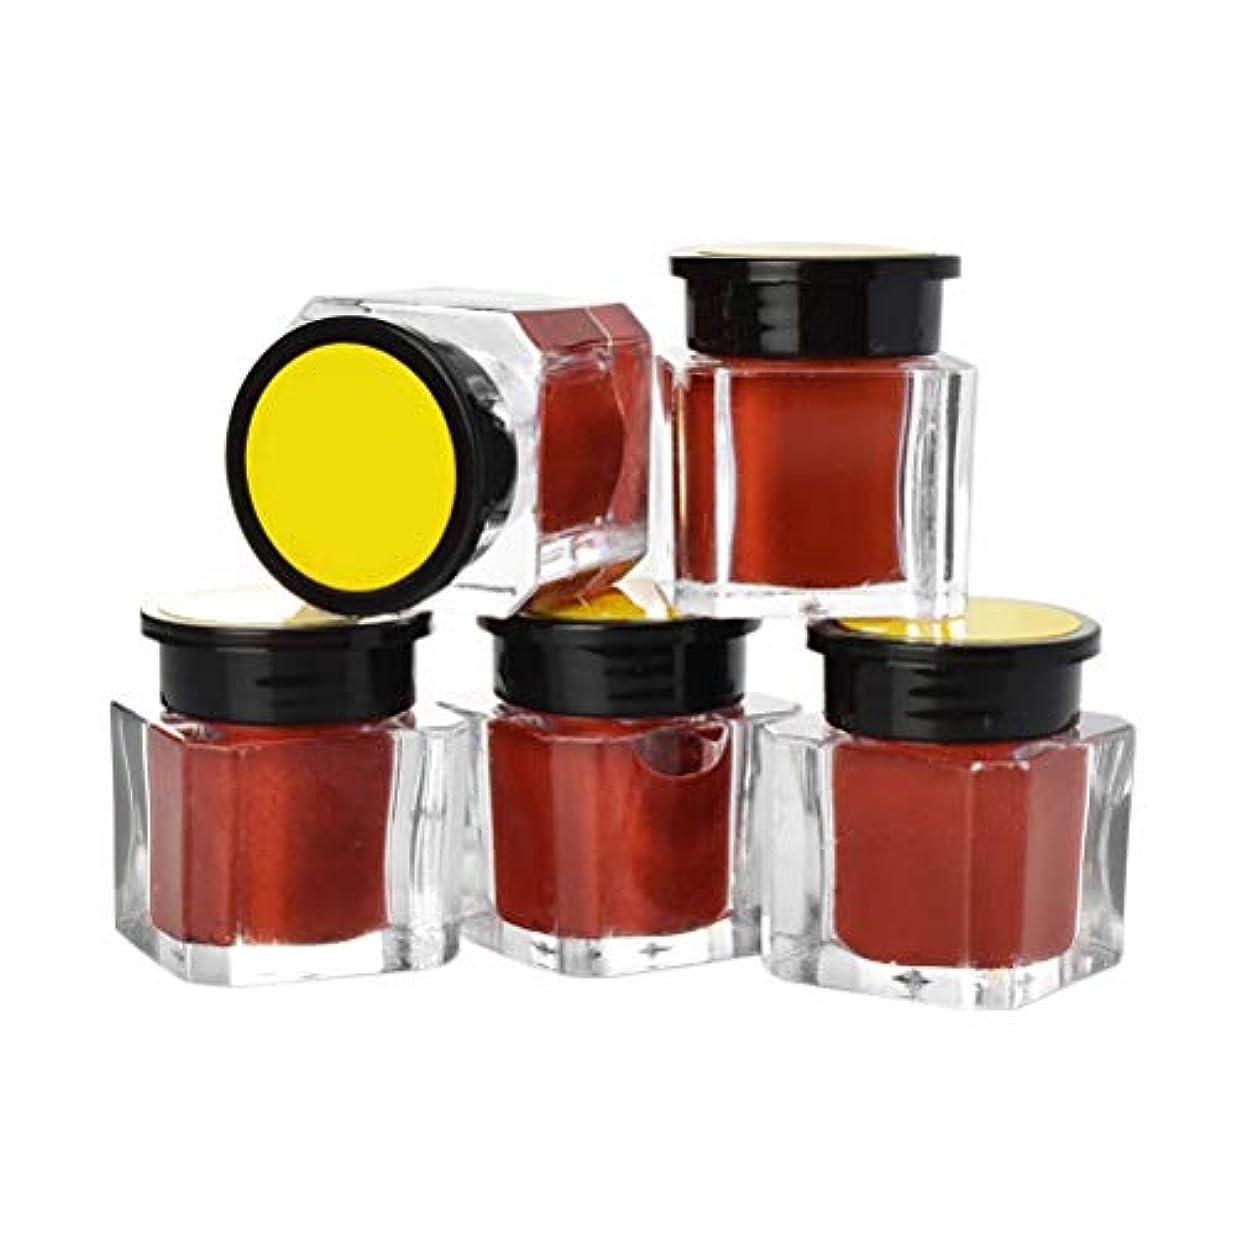 上級限られた残酷なHealifty 5ピースタトゥーインク顔料眉アイライナーボディーアート塗料マイクロブレードカラー顔料コーヒー